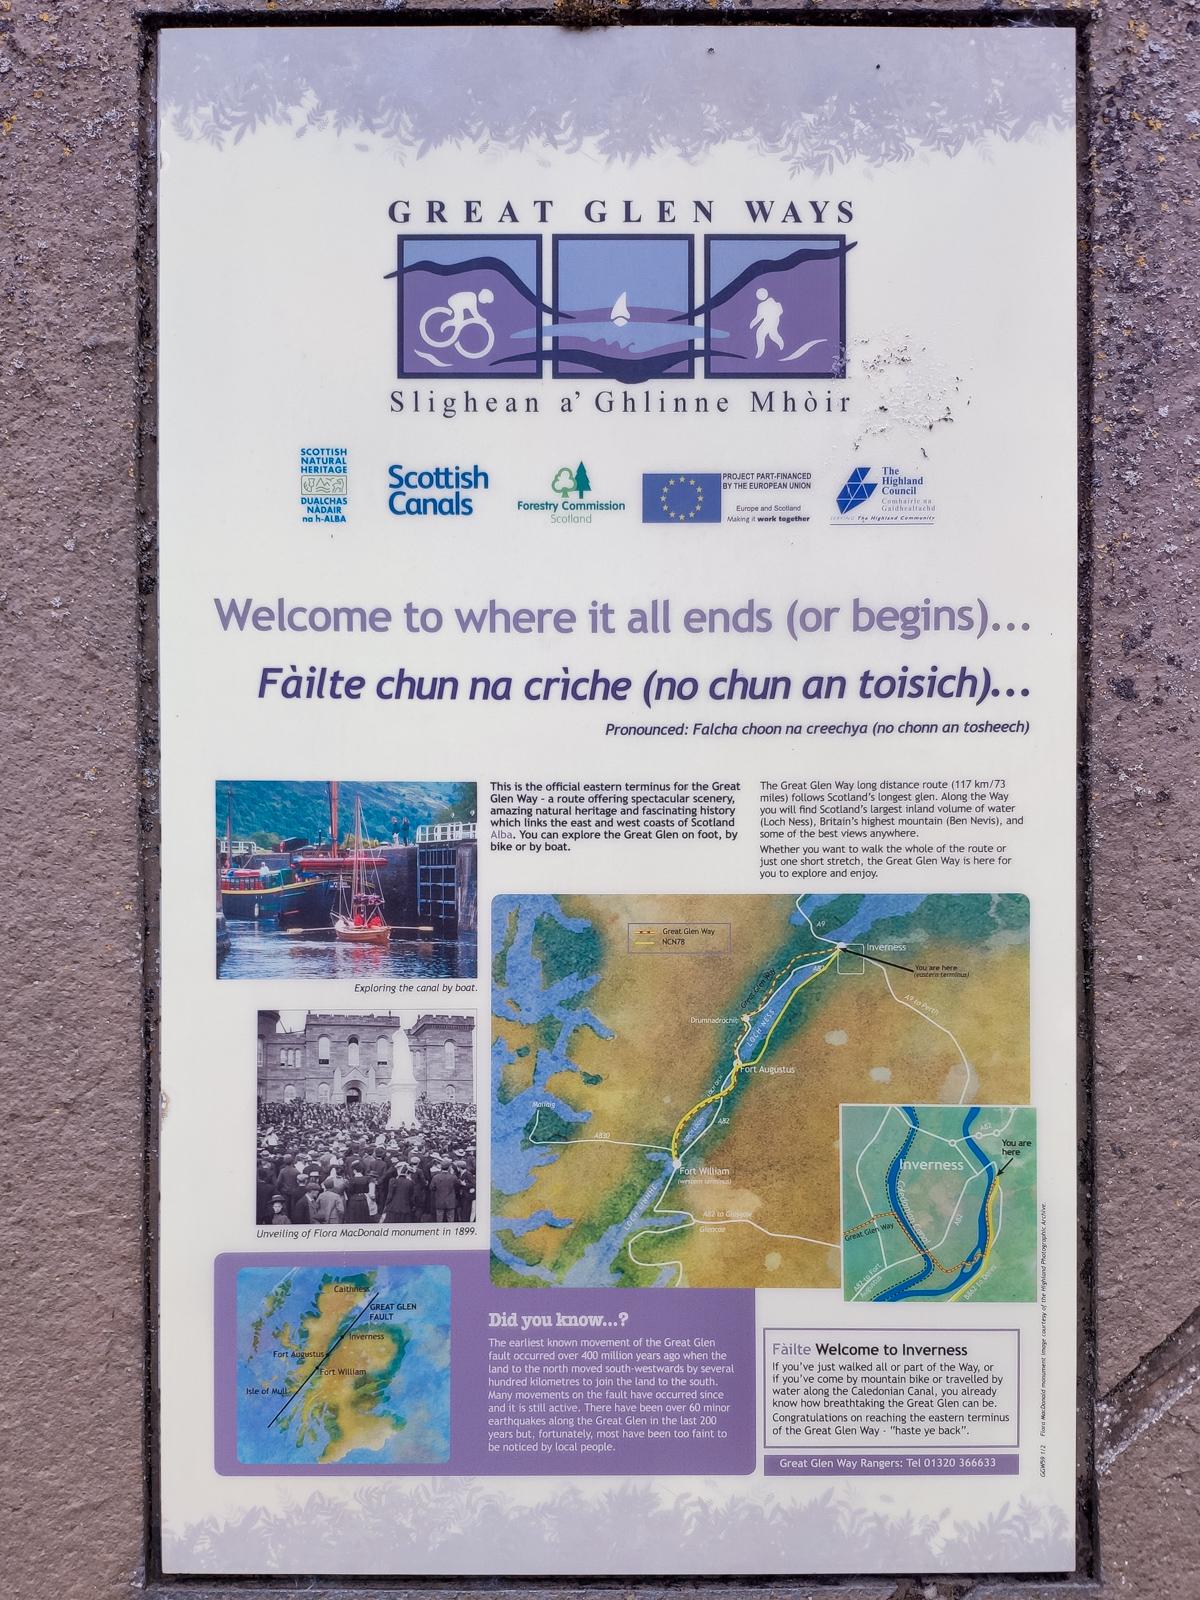 Great Glen Ways - Inverness